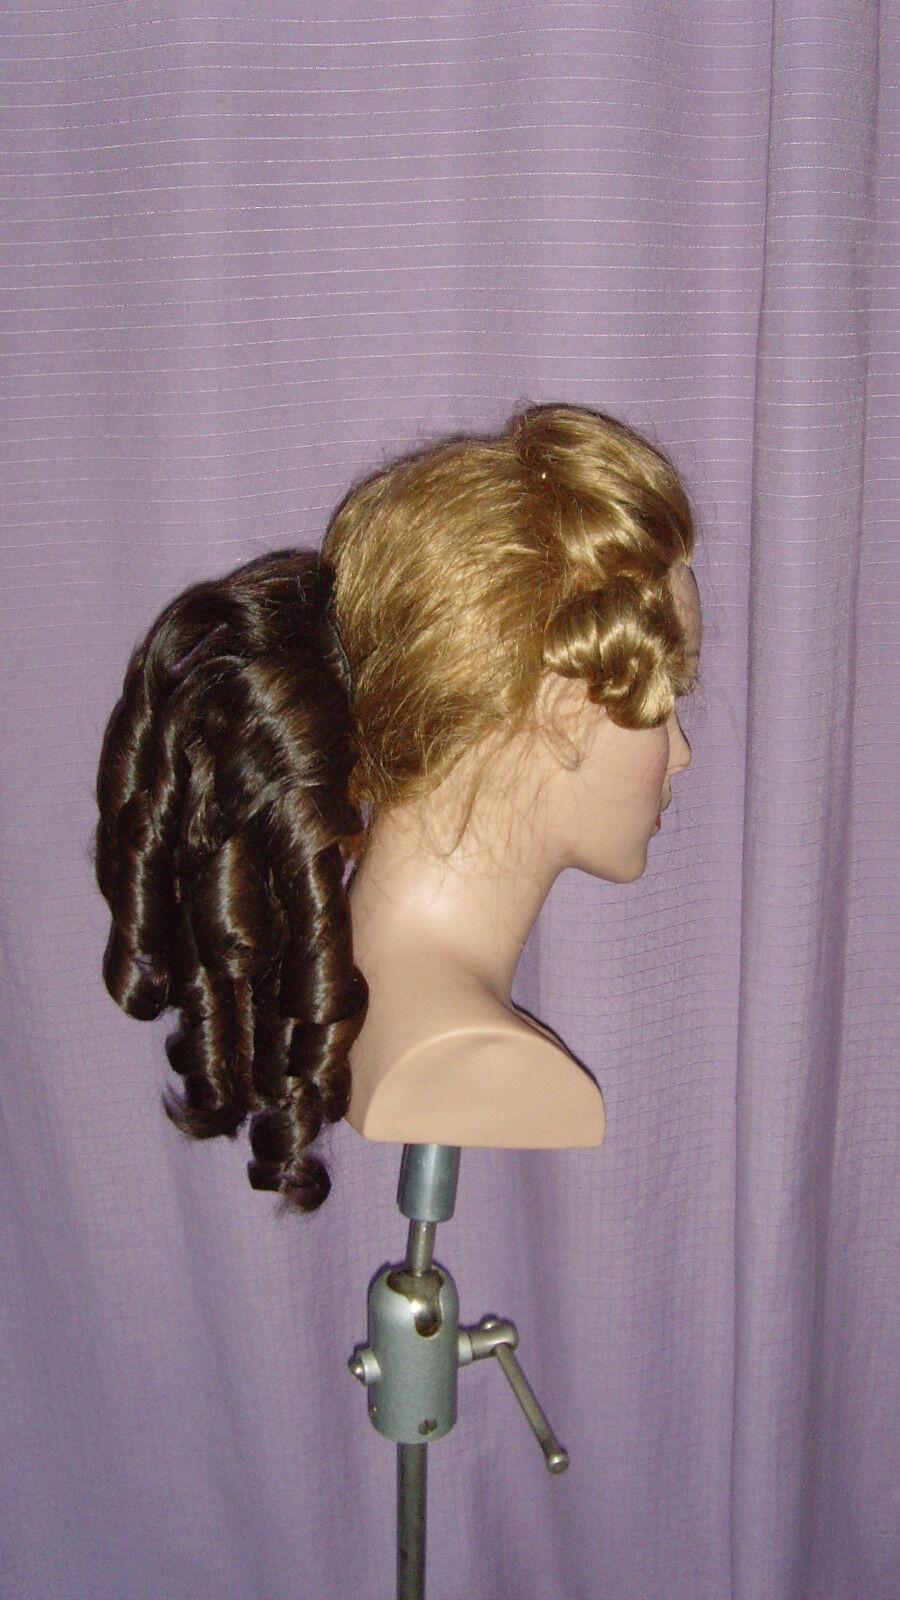 Echt Haarteil für für für histor. Frisuren, Brautfrisur, Biedermeier, Jane Austen u.a. | Zahlreiche In Vielfalt  | Produktqualität  | Lass unsere Waren in die Welt gehen  | Verschiedene Waren  5d49bf